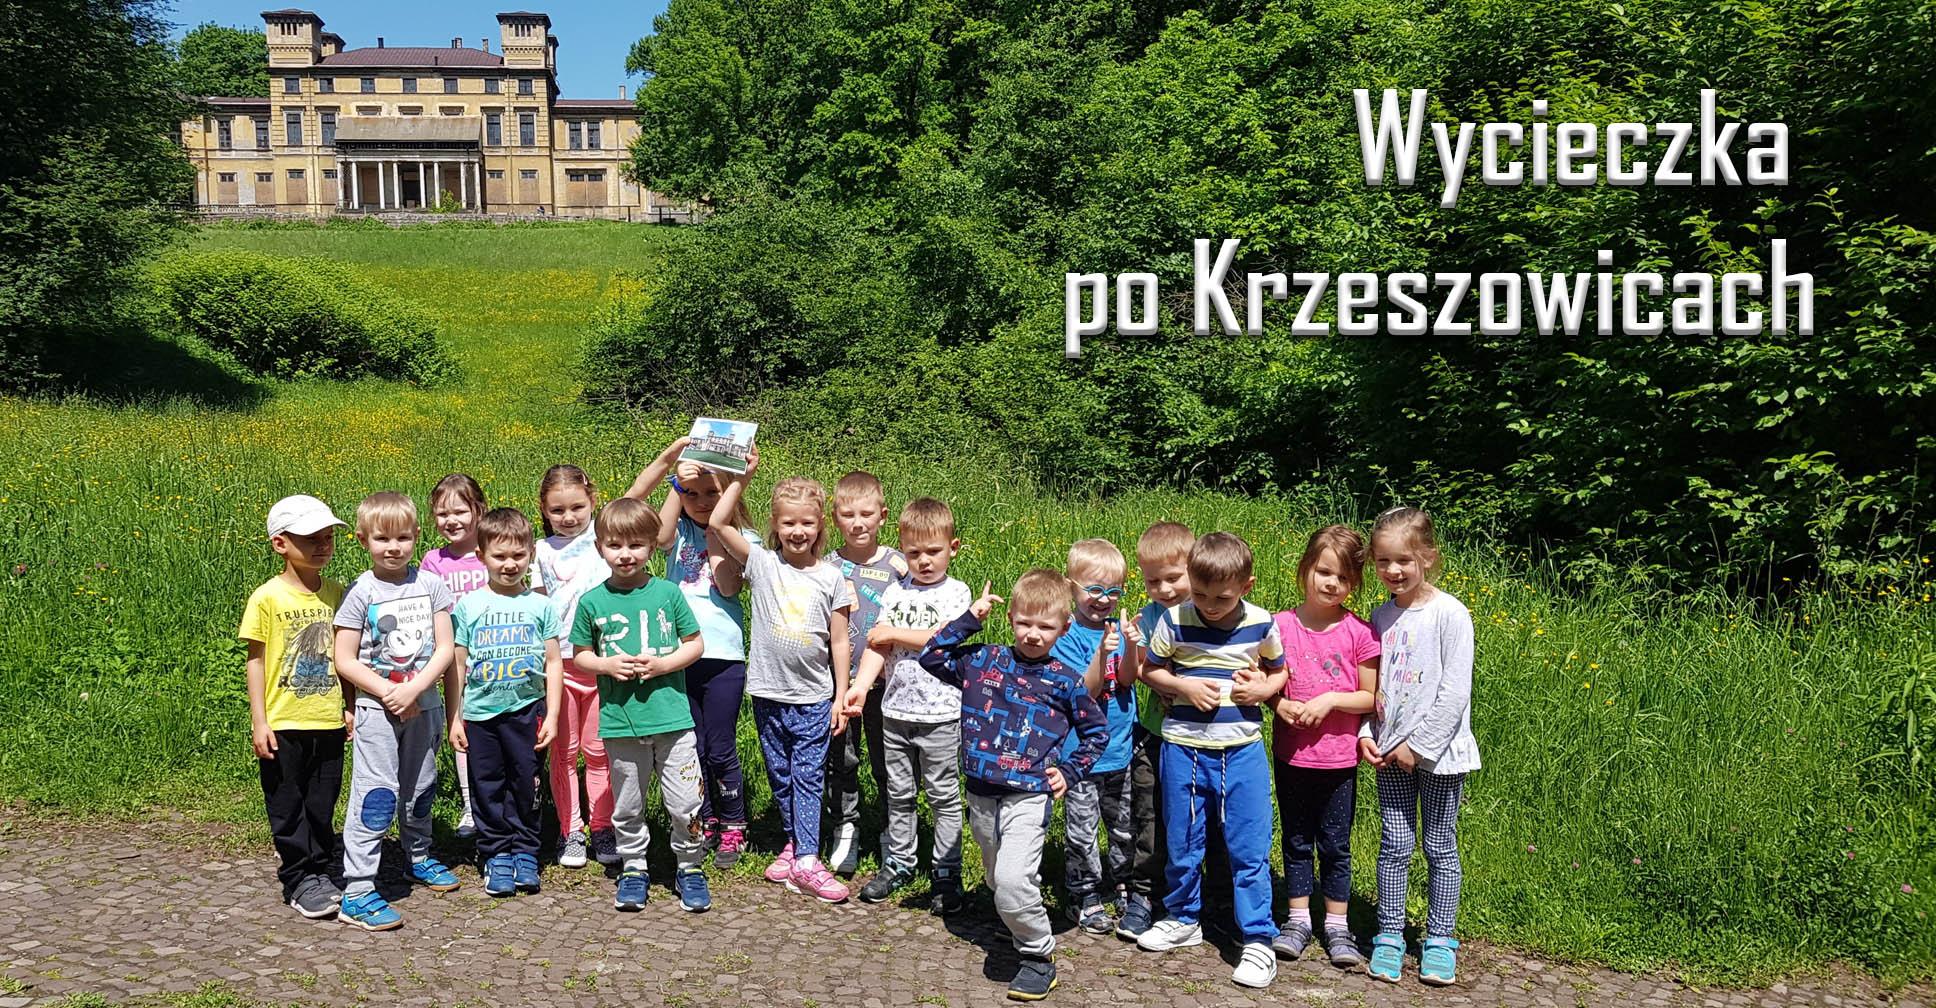 Wycieczka po Krzeszowicach